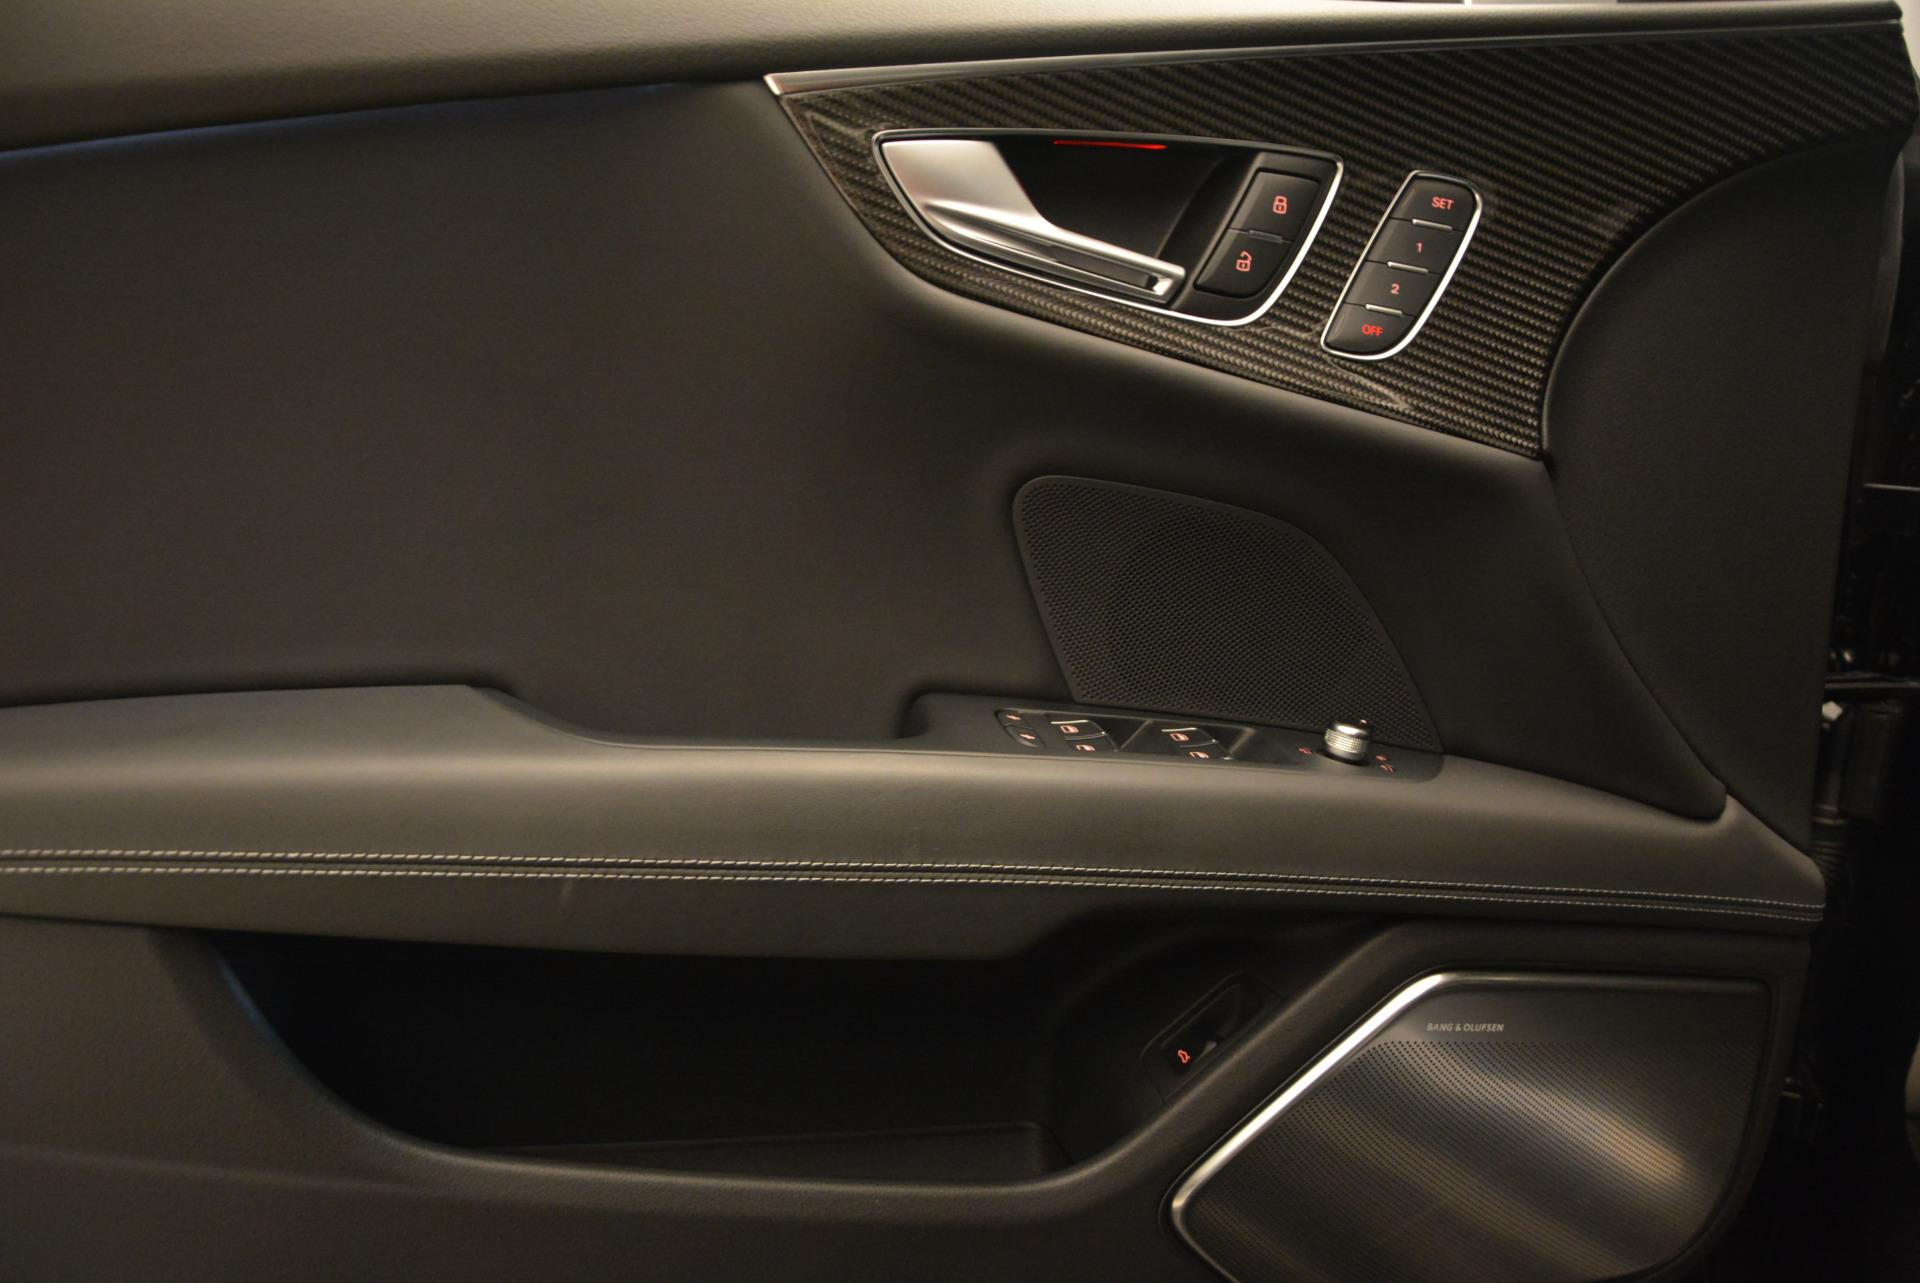 Used 2014 Audi RS 7 4.0T quattro Prestige For Sale In Greenwich, CT 707_p19